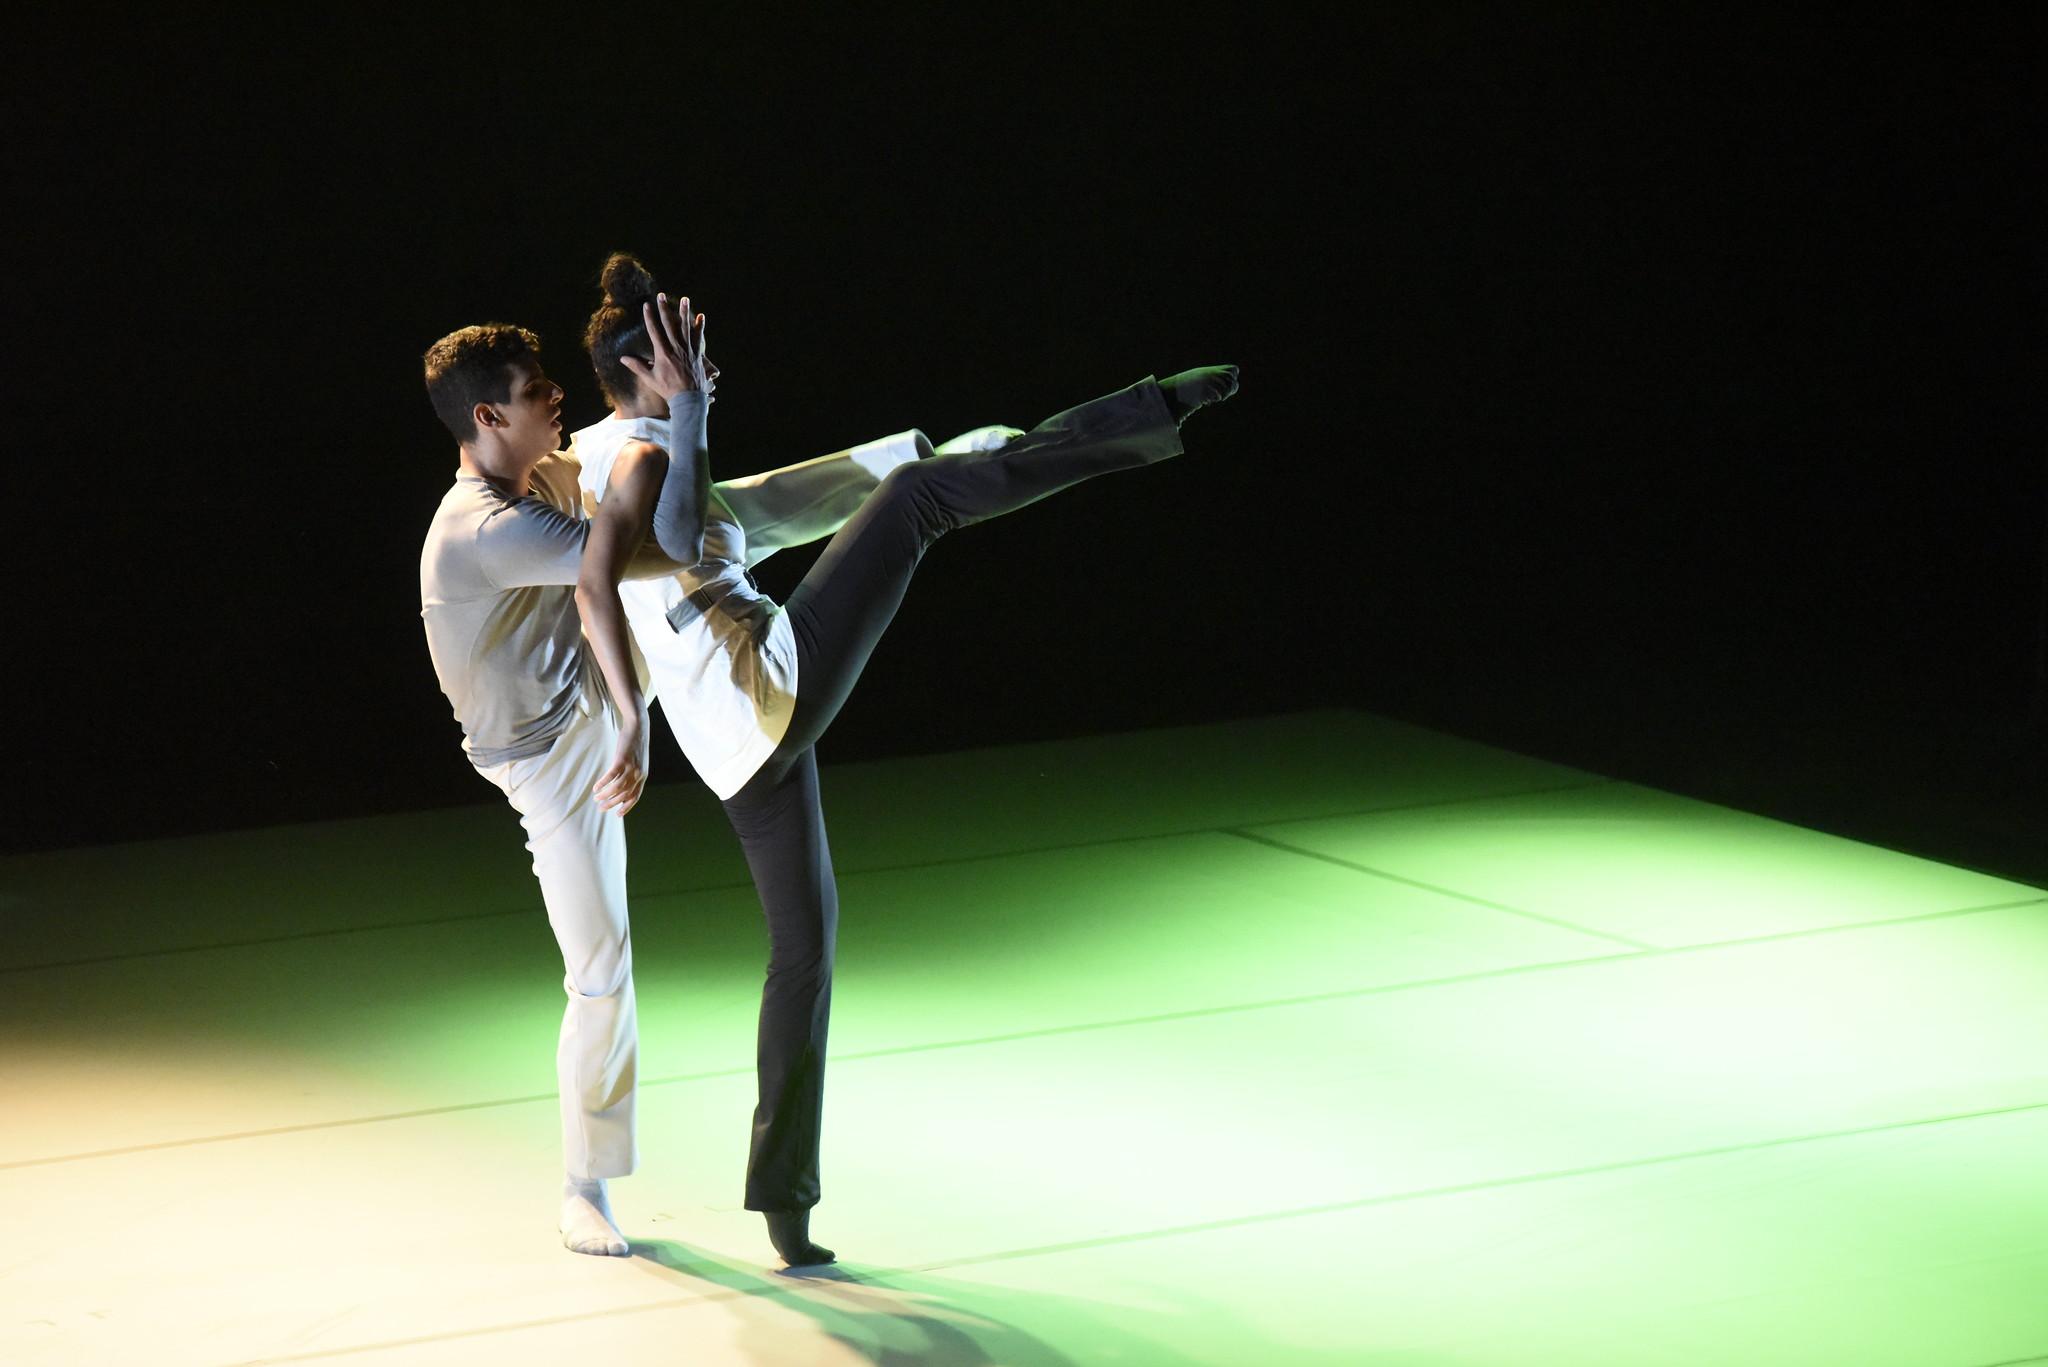 Um casal de bailarinos faz performance sobre palco, um em frente ao outro, ambos com as pernas esquerdas levantadas